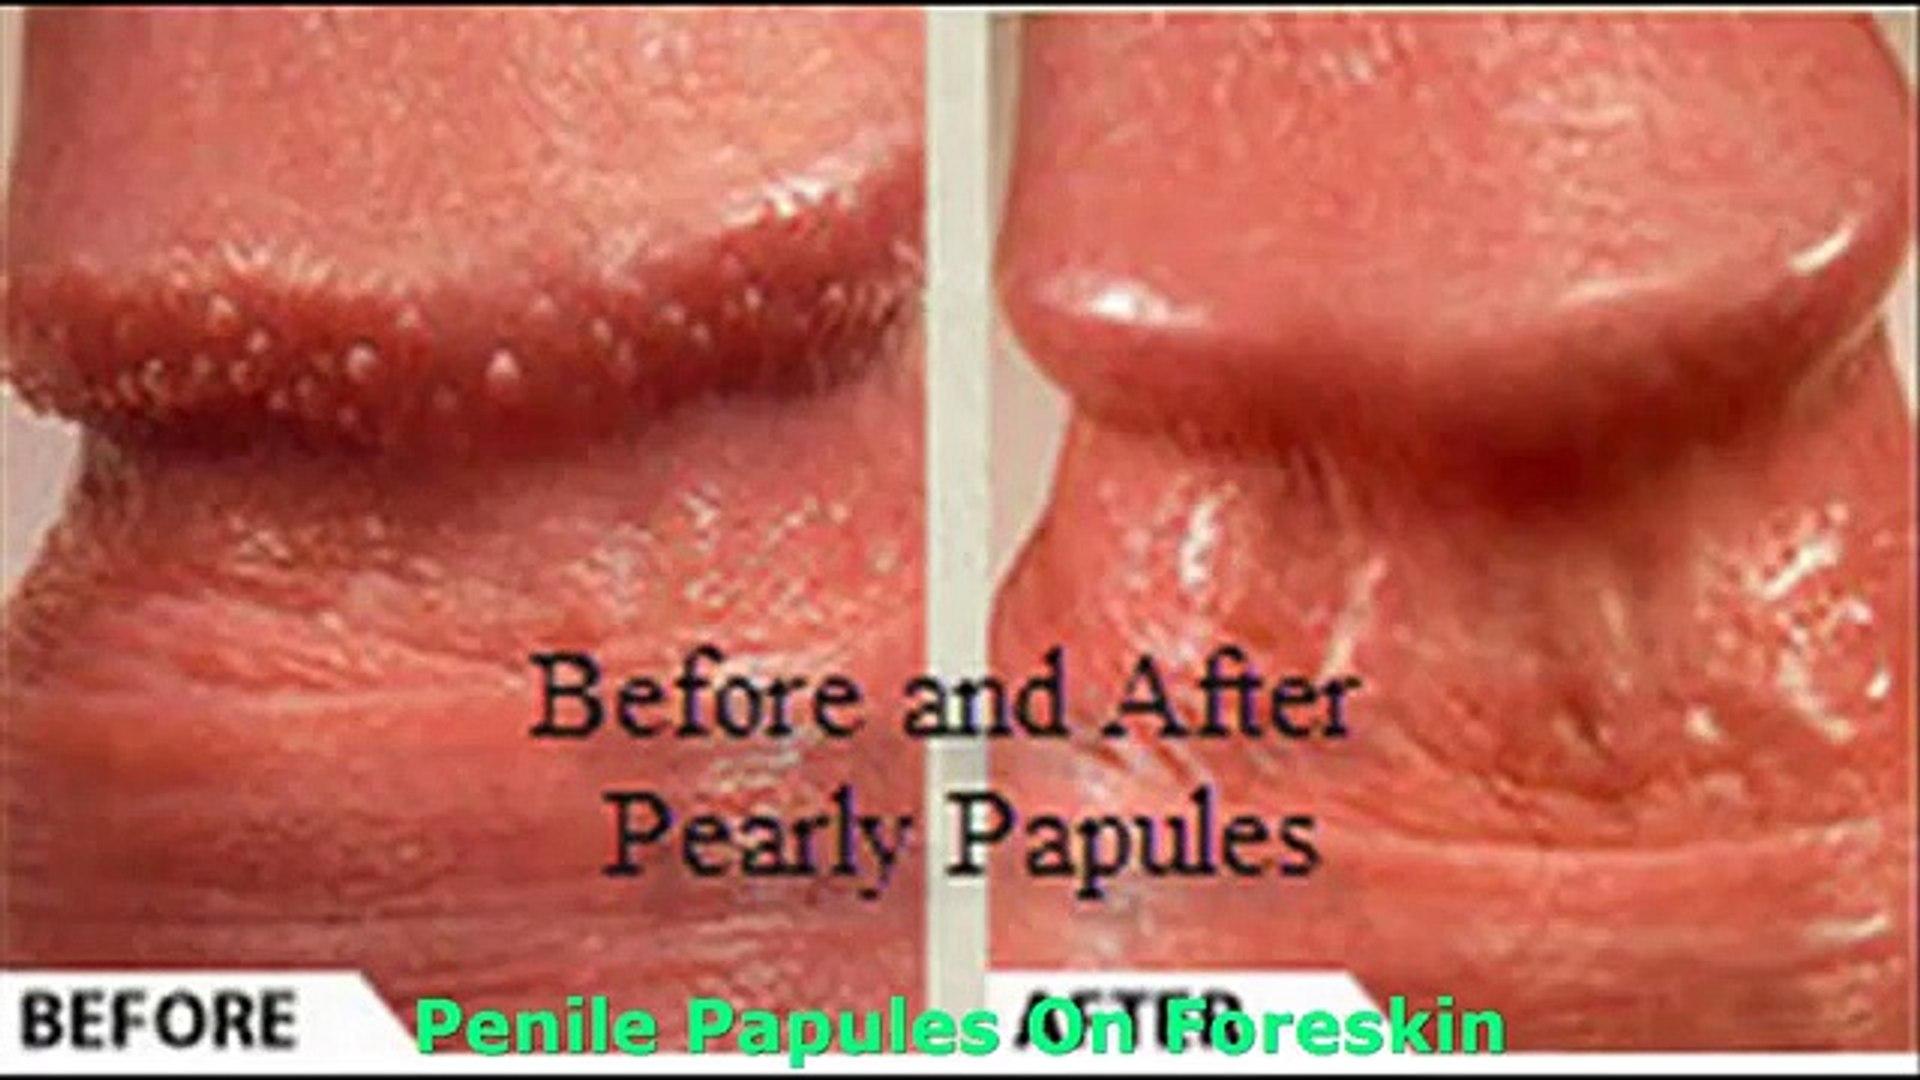 Penile papules go away